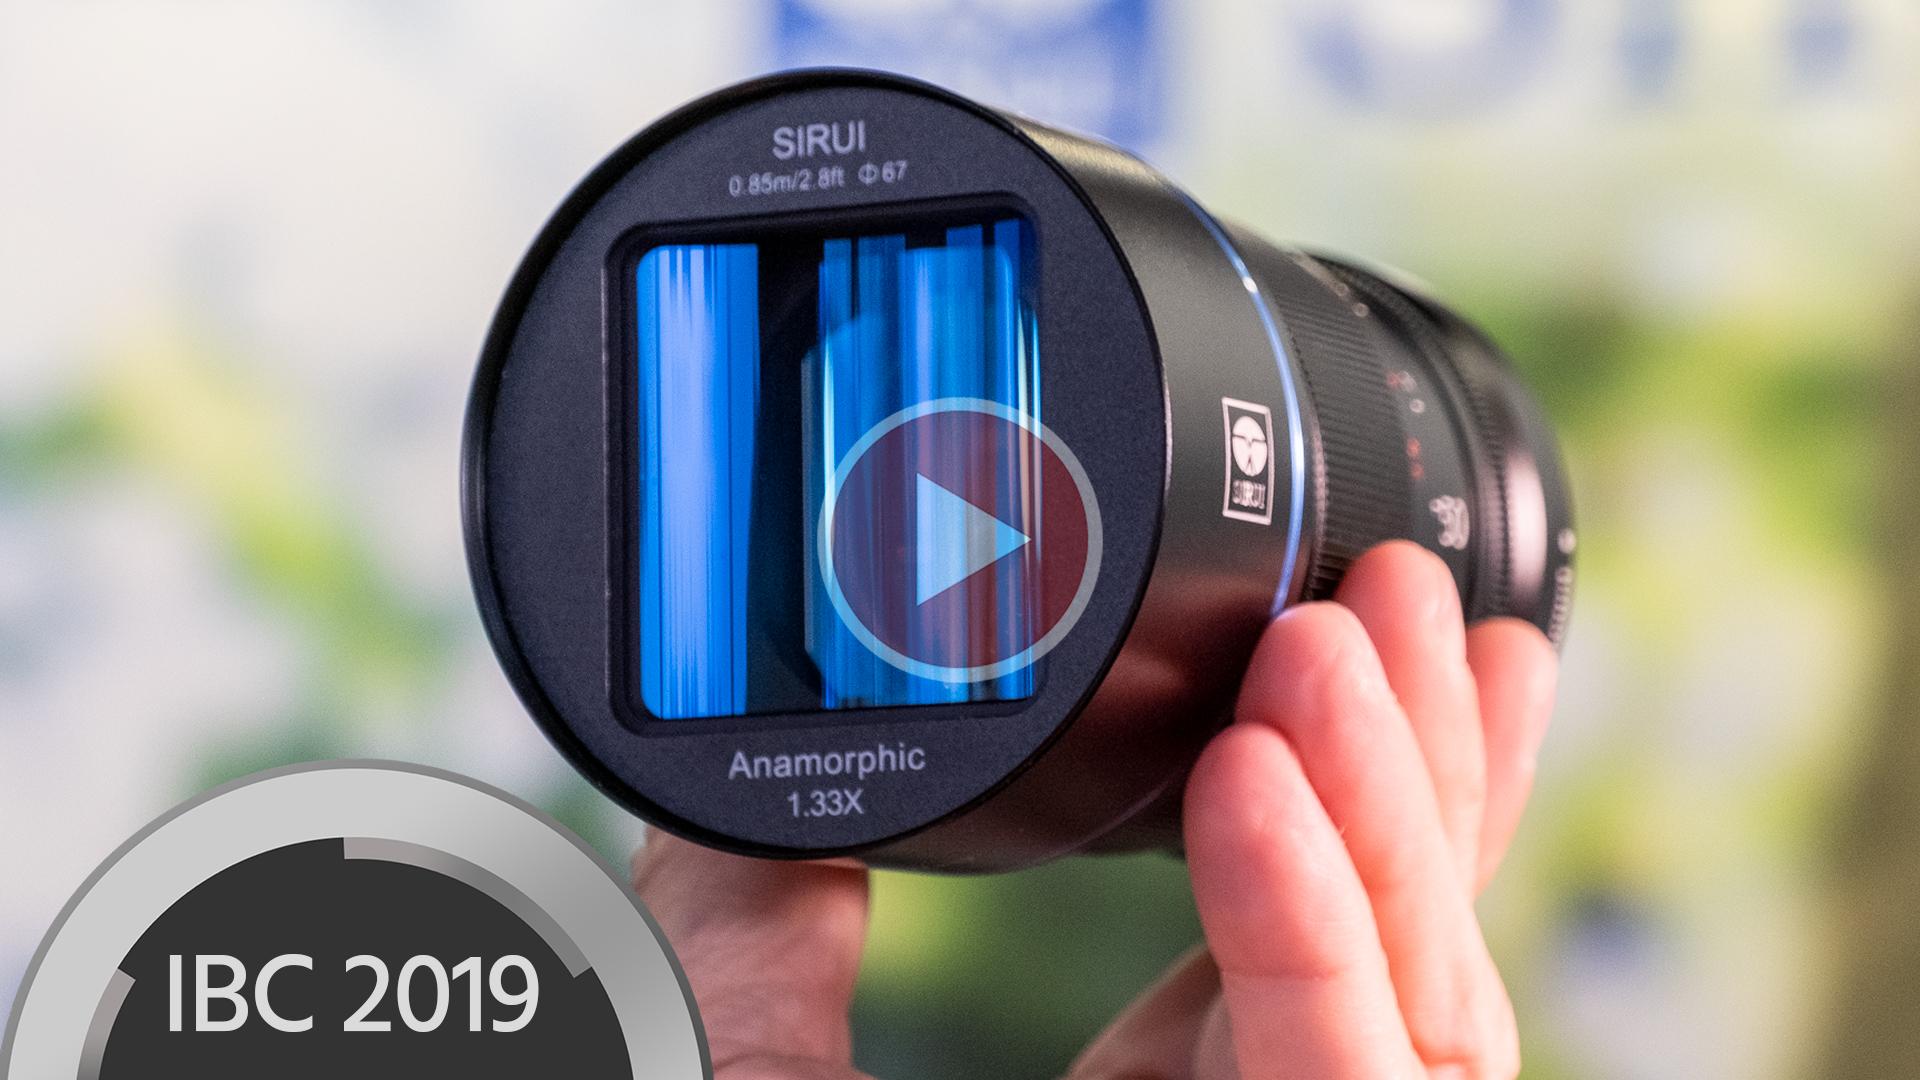 Anuncian lente SIRUI 50mm f/1.8 1.33x - Lente anamórfico APS-C asequible